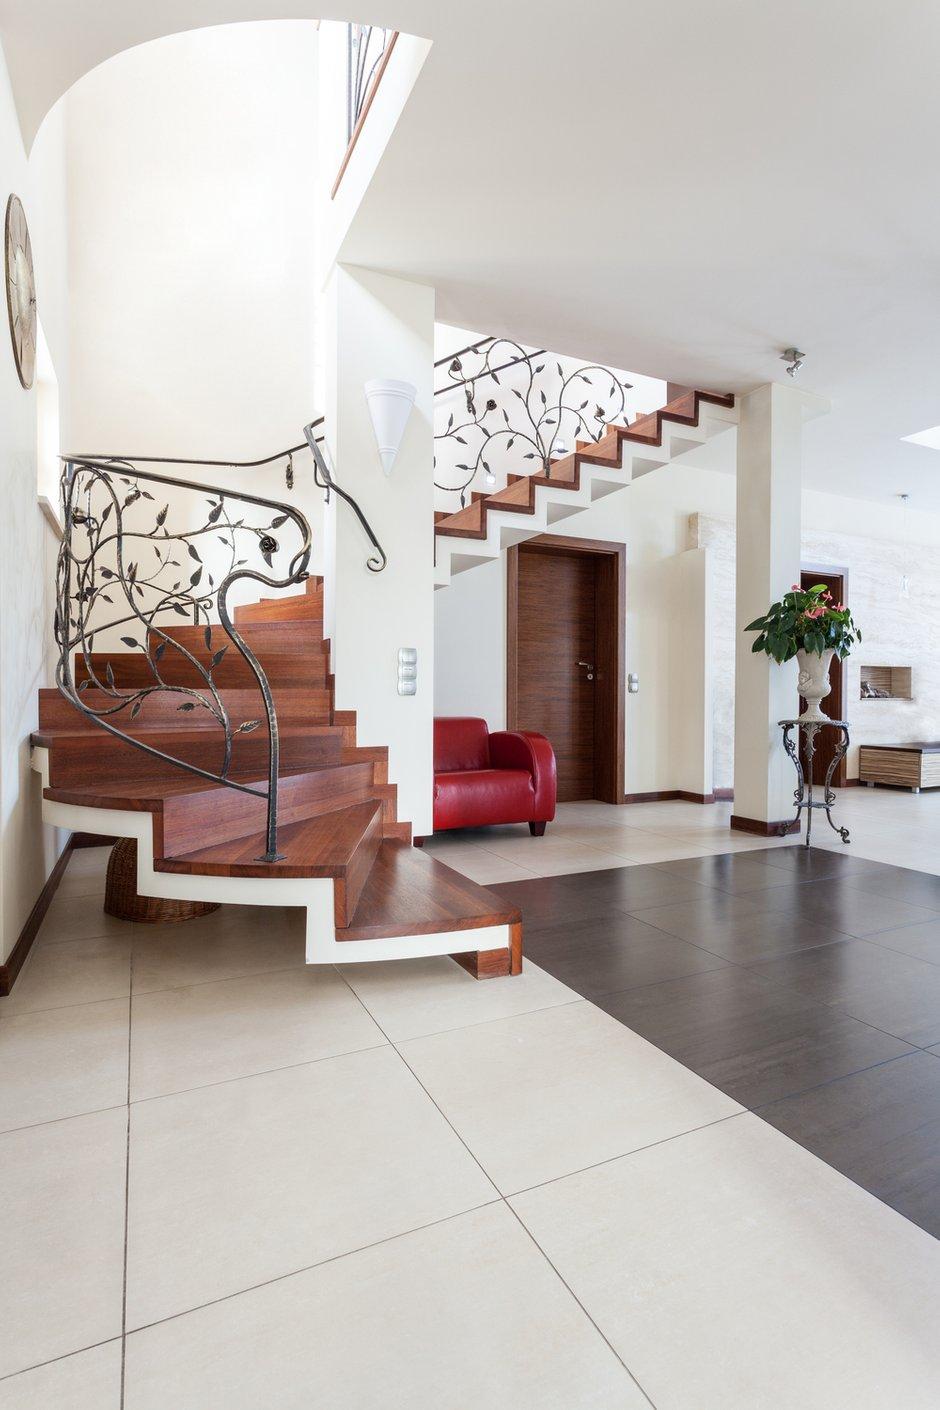 Фотография:  в стиле Современный, Декор интерьера, Дом, Декор дома, Лестница – фото на INMYROOM